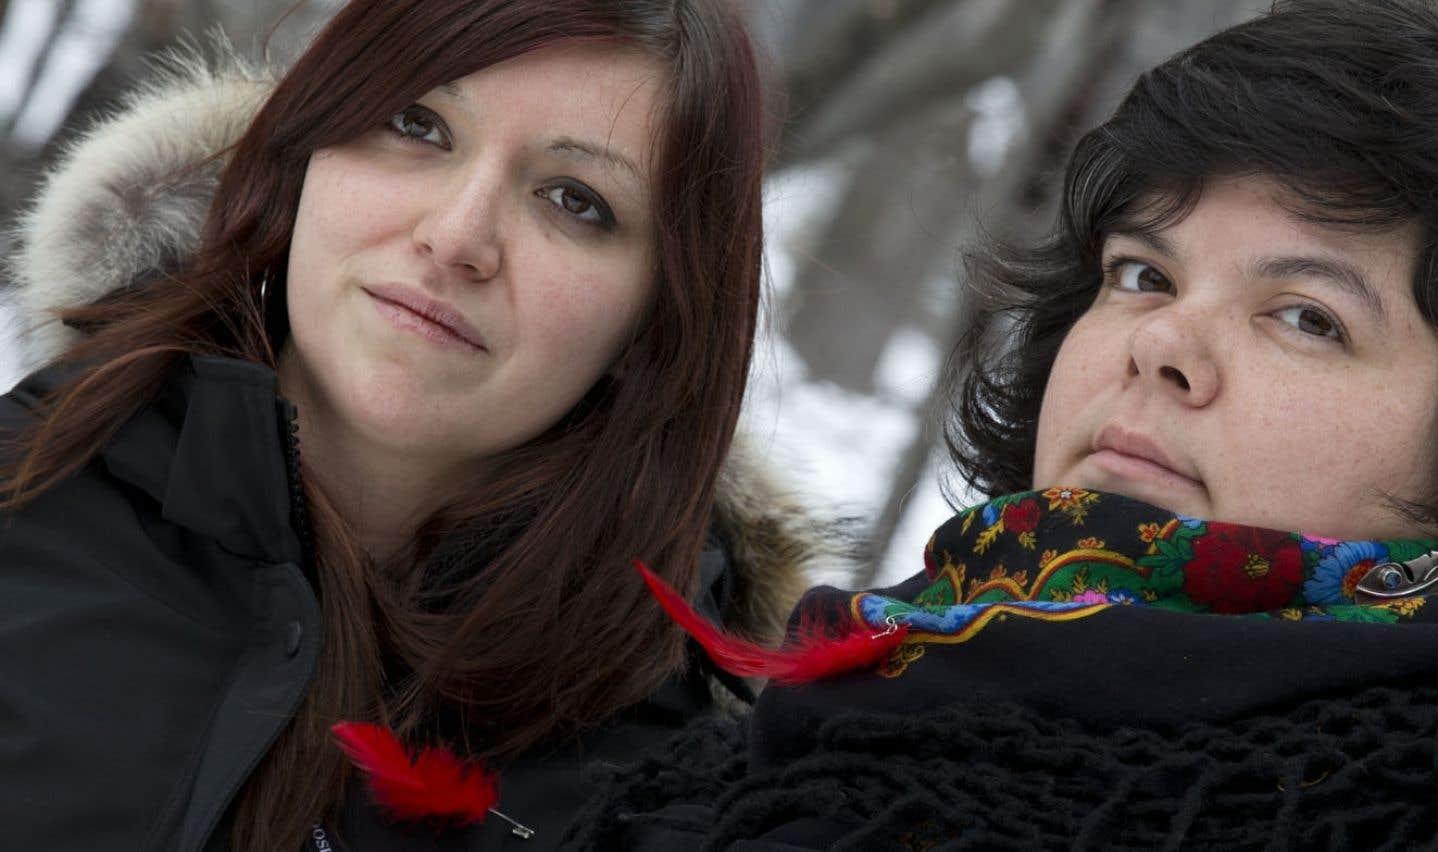 Des femmes autochtones se réjouissent que la FFQ les incluent dans sa démarche d'analyse et d'action. C'est le cas de Widia Larivière, cofondatrice de la section québécoise de Idle No More.